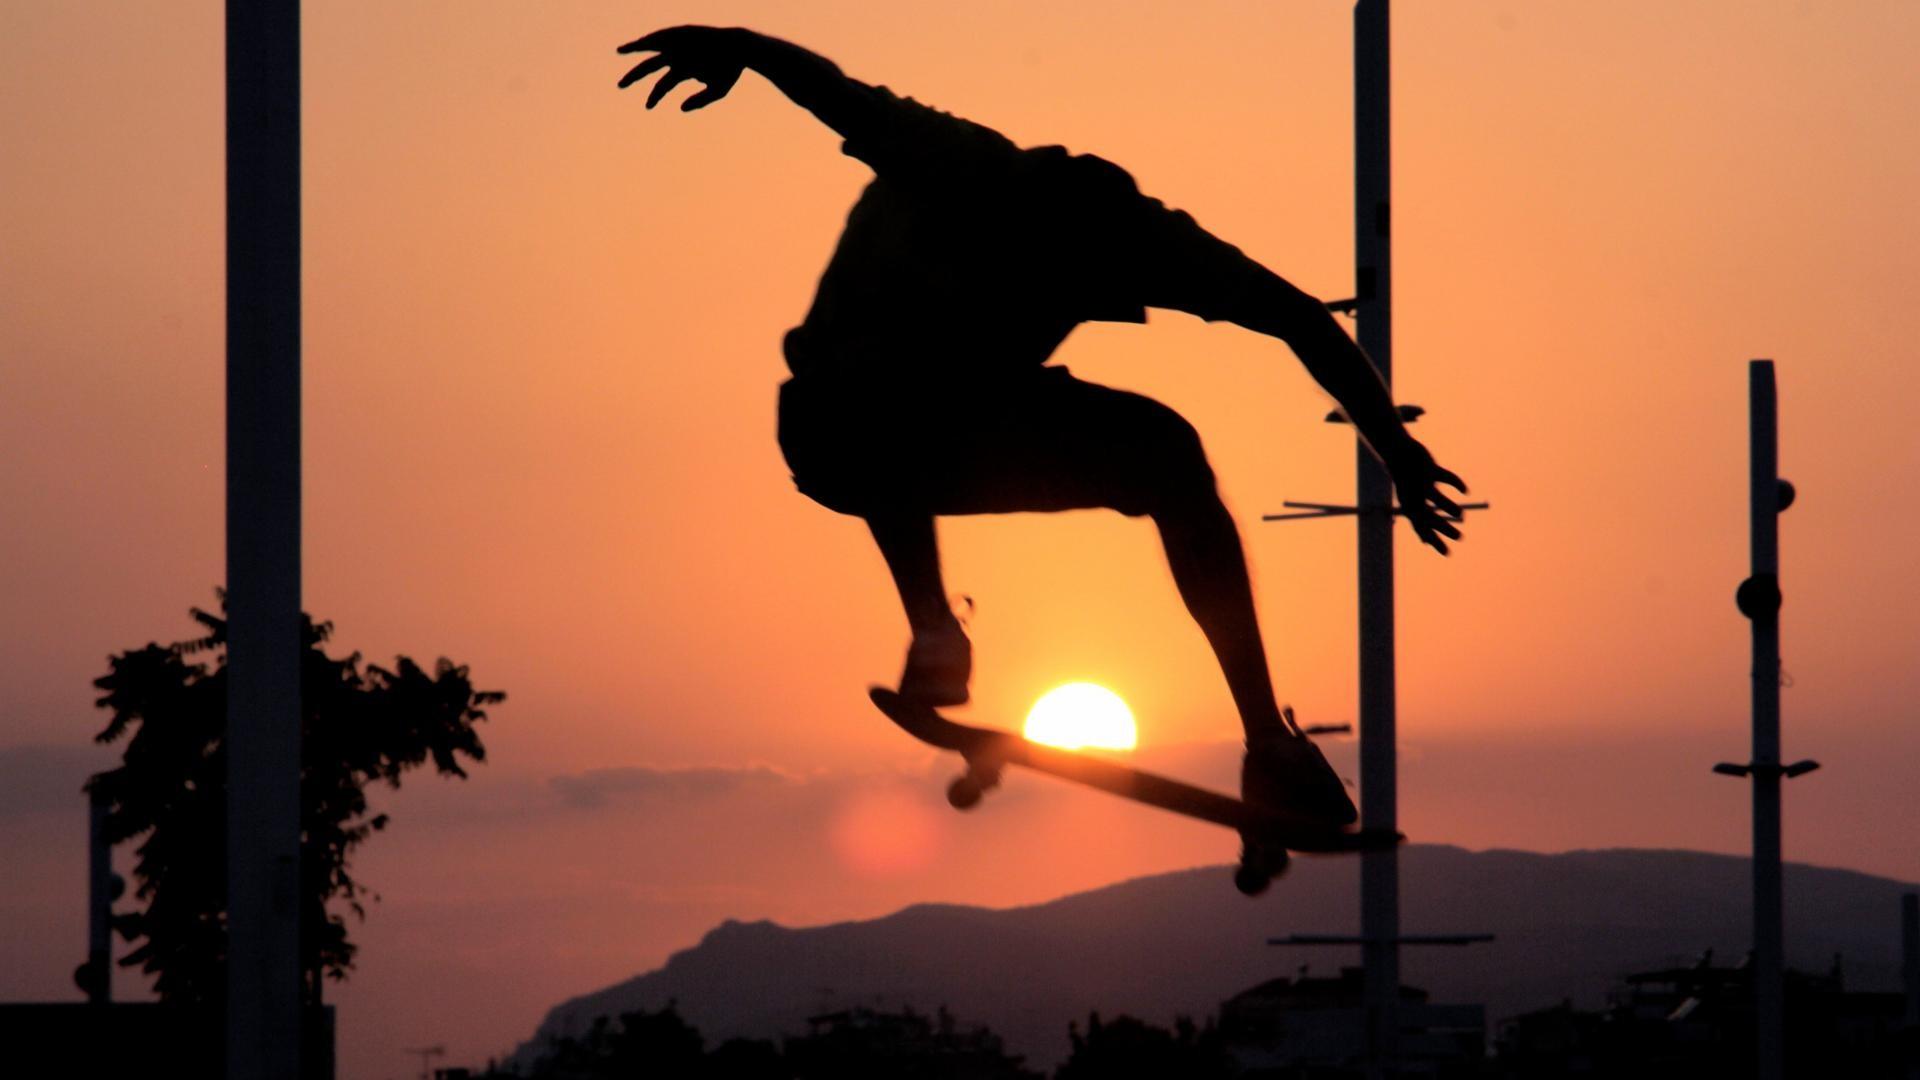 Style sun skate skateboarding skateboards wallpaper